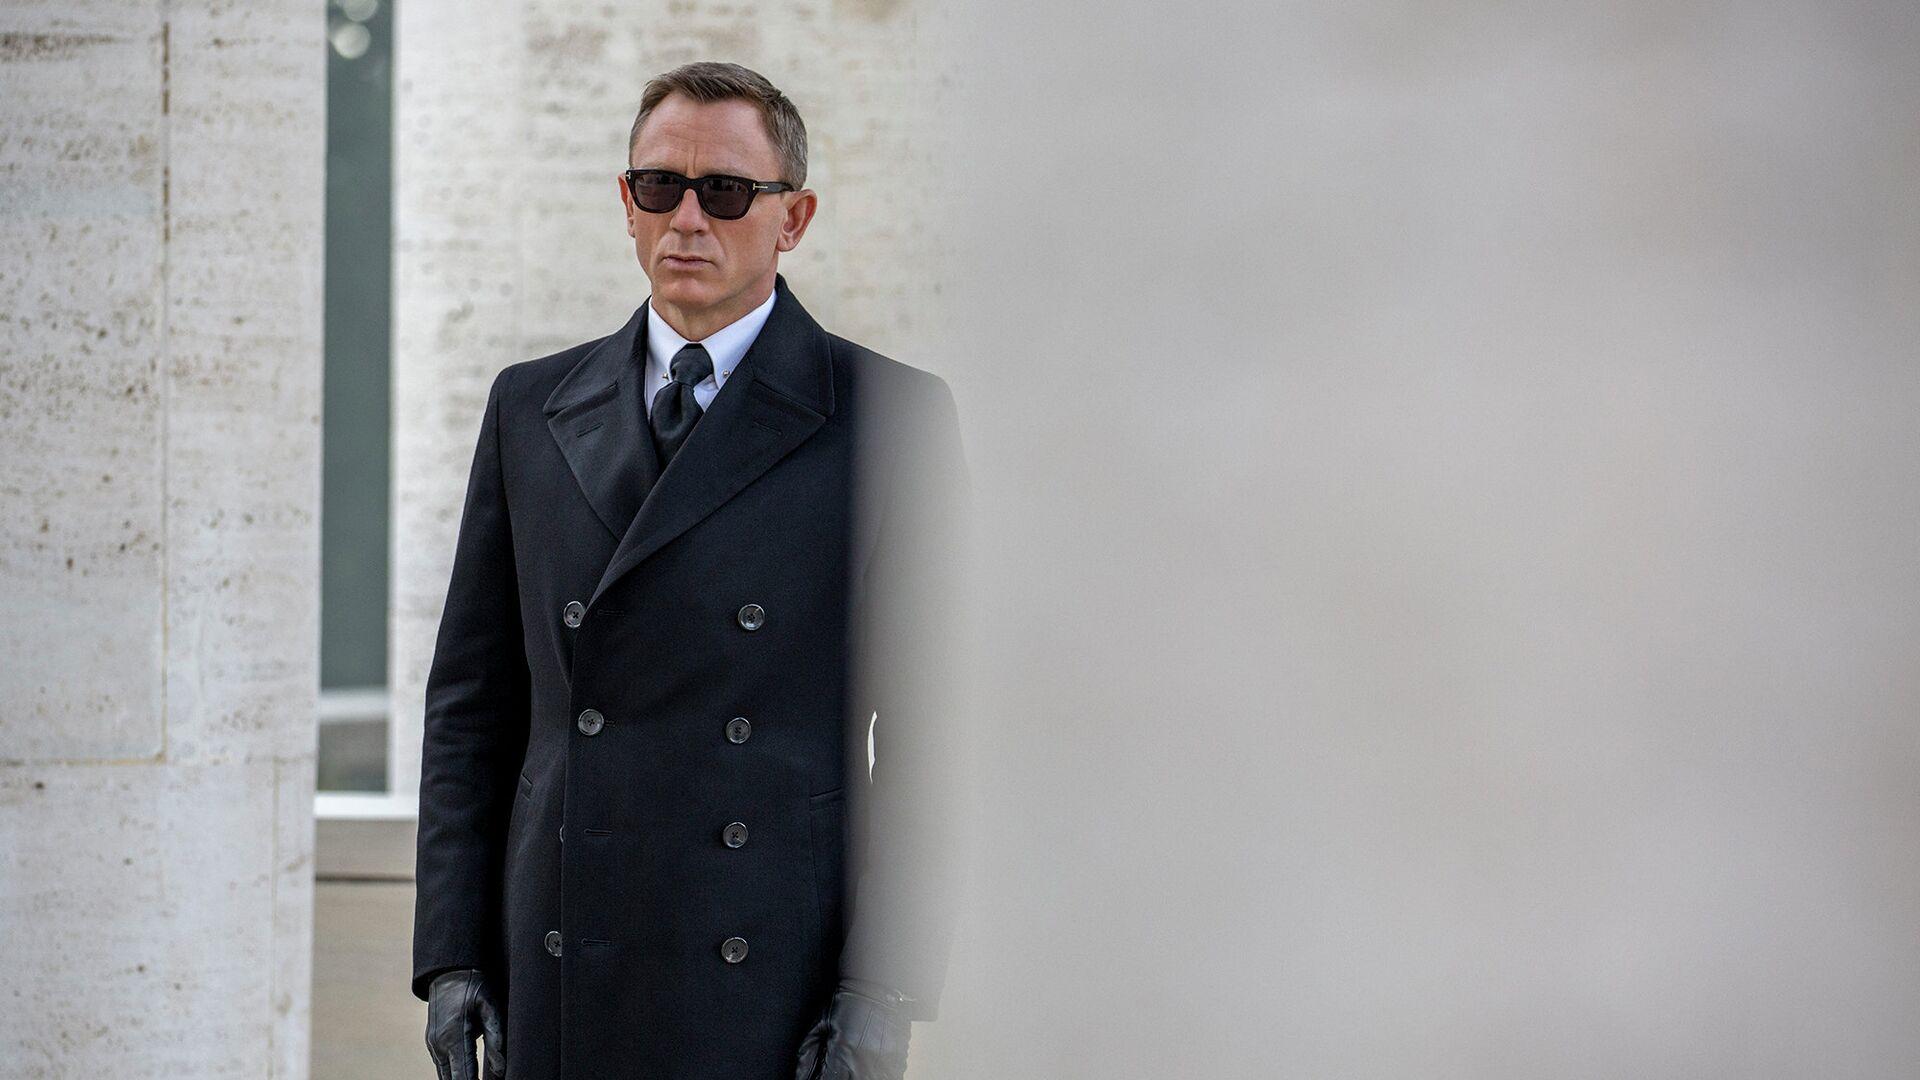 Кадр из фильма 007: Спектр - РИА Новости, 1920, 27.09.2020